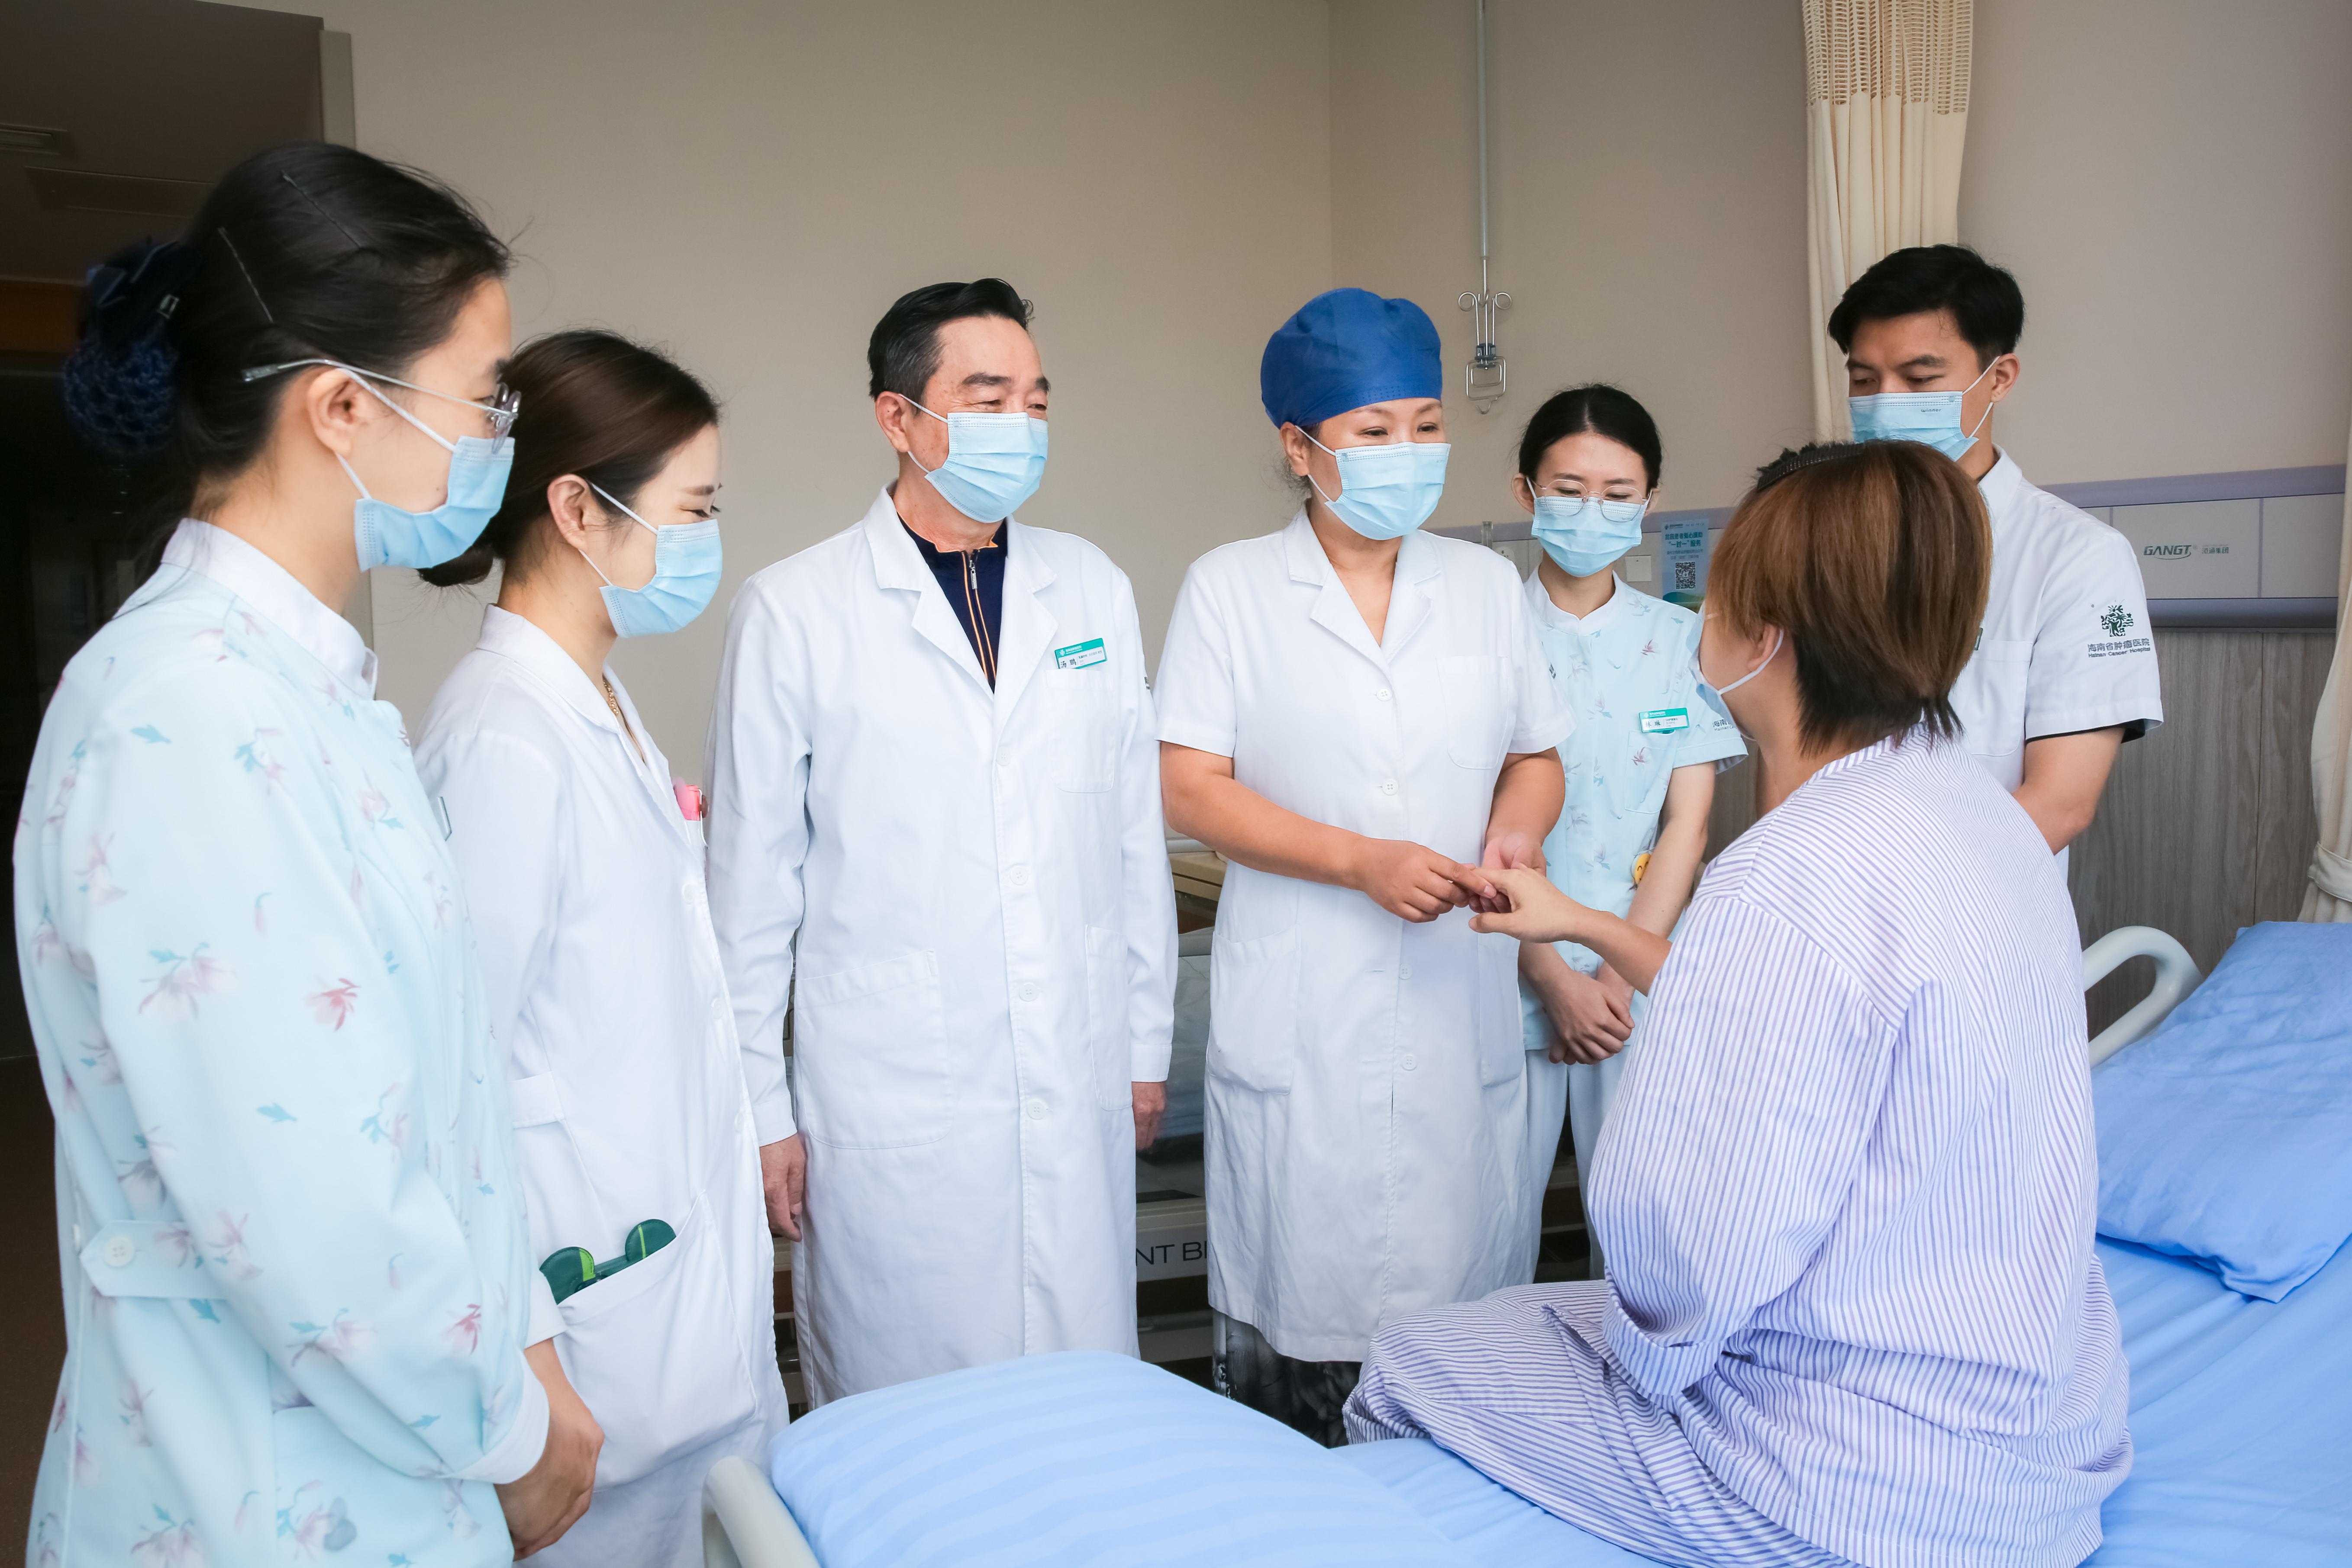 海南省肿瘤医院成功实施乳腺腔镜乳房即刻重建手术